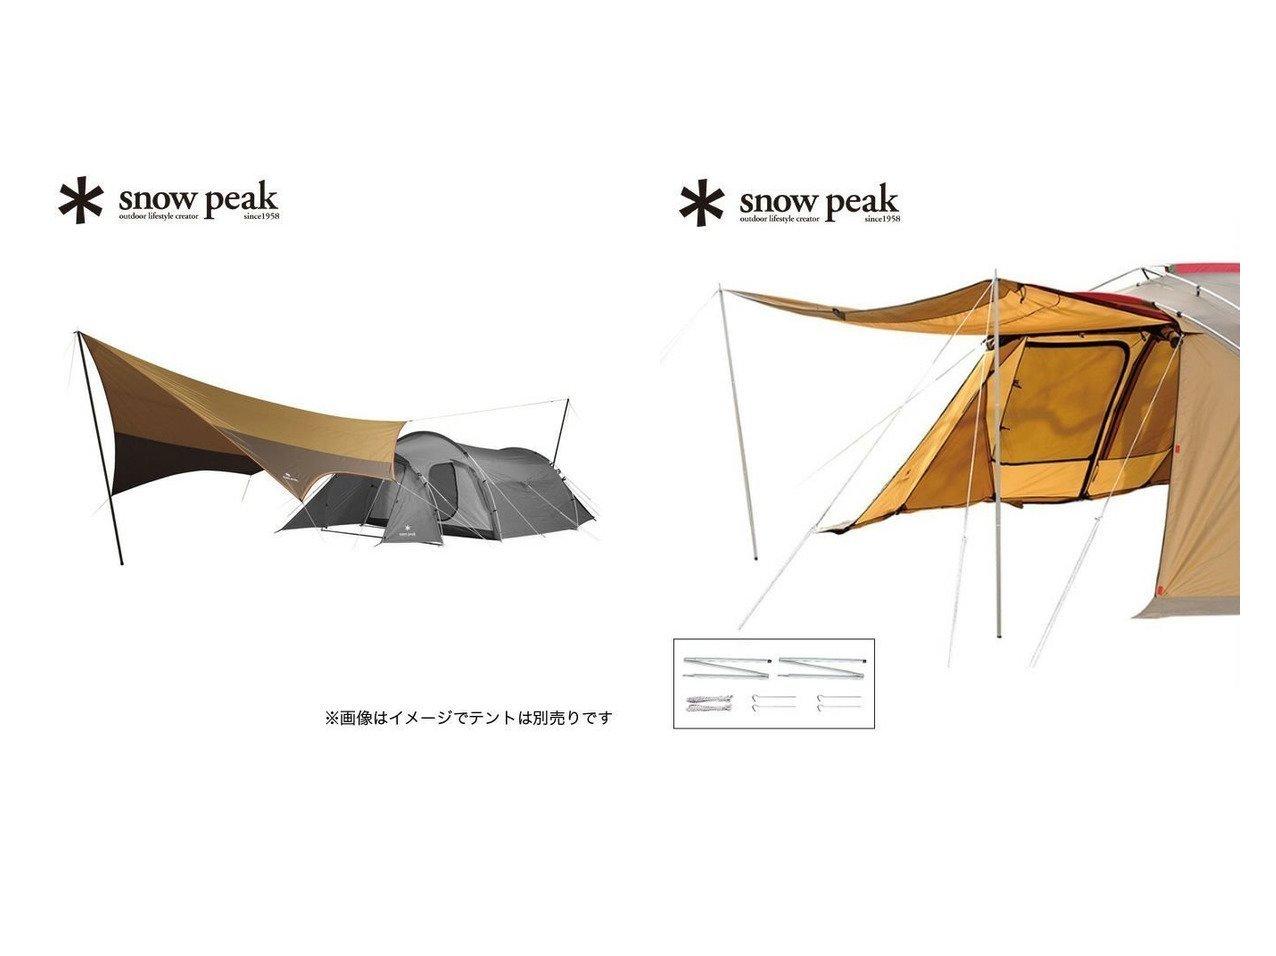 【Snow Peak/スノーピーク】のアメニティタープ ヘキサLセット&スノーピーク アップライトポールセット おすすめ!人気キャンプ・アウトドア用品の通販 おすすめで人気の流行・トレンド、ファッションの通販商品 インテリア・家具・メンズファッション・キッズファッション・レディースファッション・服の通販 founy(ファニー) https://founy.com/ コーティング フレーム ホーム・キャンプ・アウトドア Home,Garden,Outdoor,Camping Gear キャンプ用品・アウトドア  Camping Gear & Outdoor Supplies テント タープ Tents, Tarp ホーム・キャンプ・アウトドア Home,Garden,Outdoor,Camping Gear キャンプ用品・アウトドア  Camping Gear & Outdoor Supplies その他 雑貨 小物 Camping Tools  ID:crp329100000063806